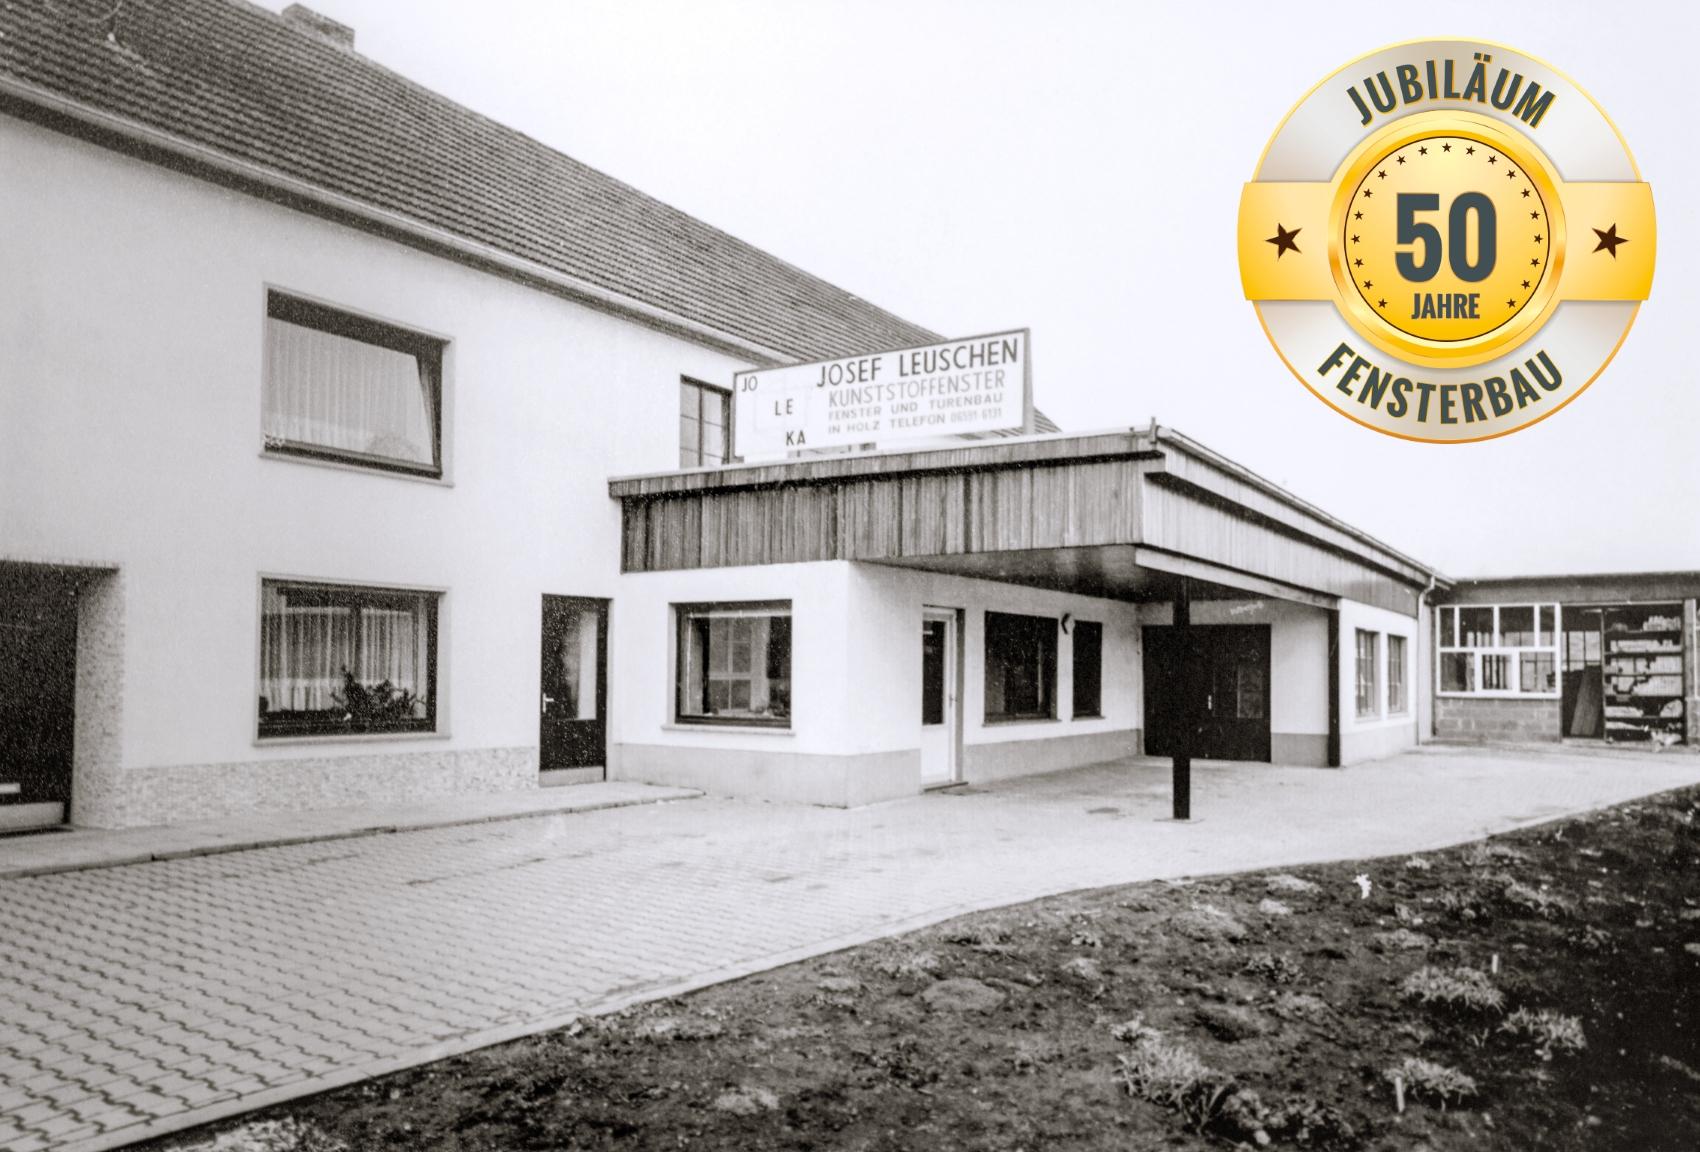 Jubiläum 50 Jahre Fensterbau